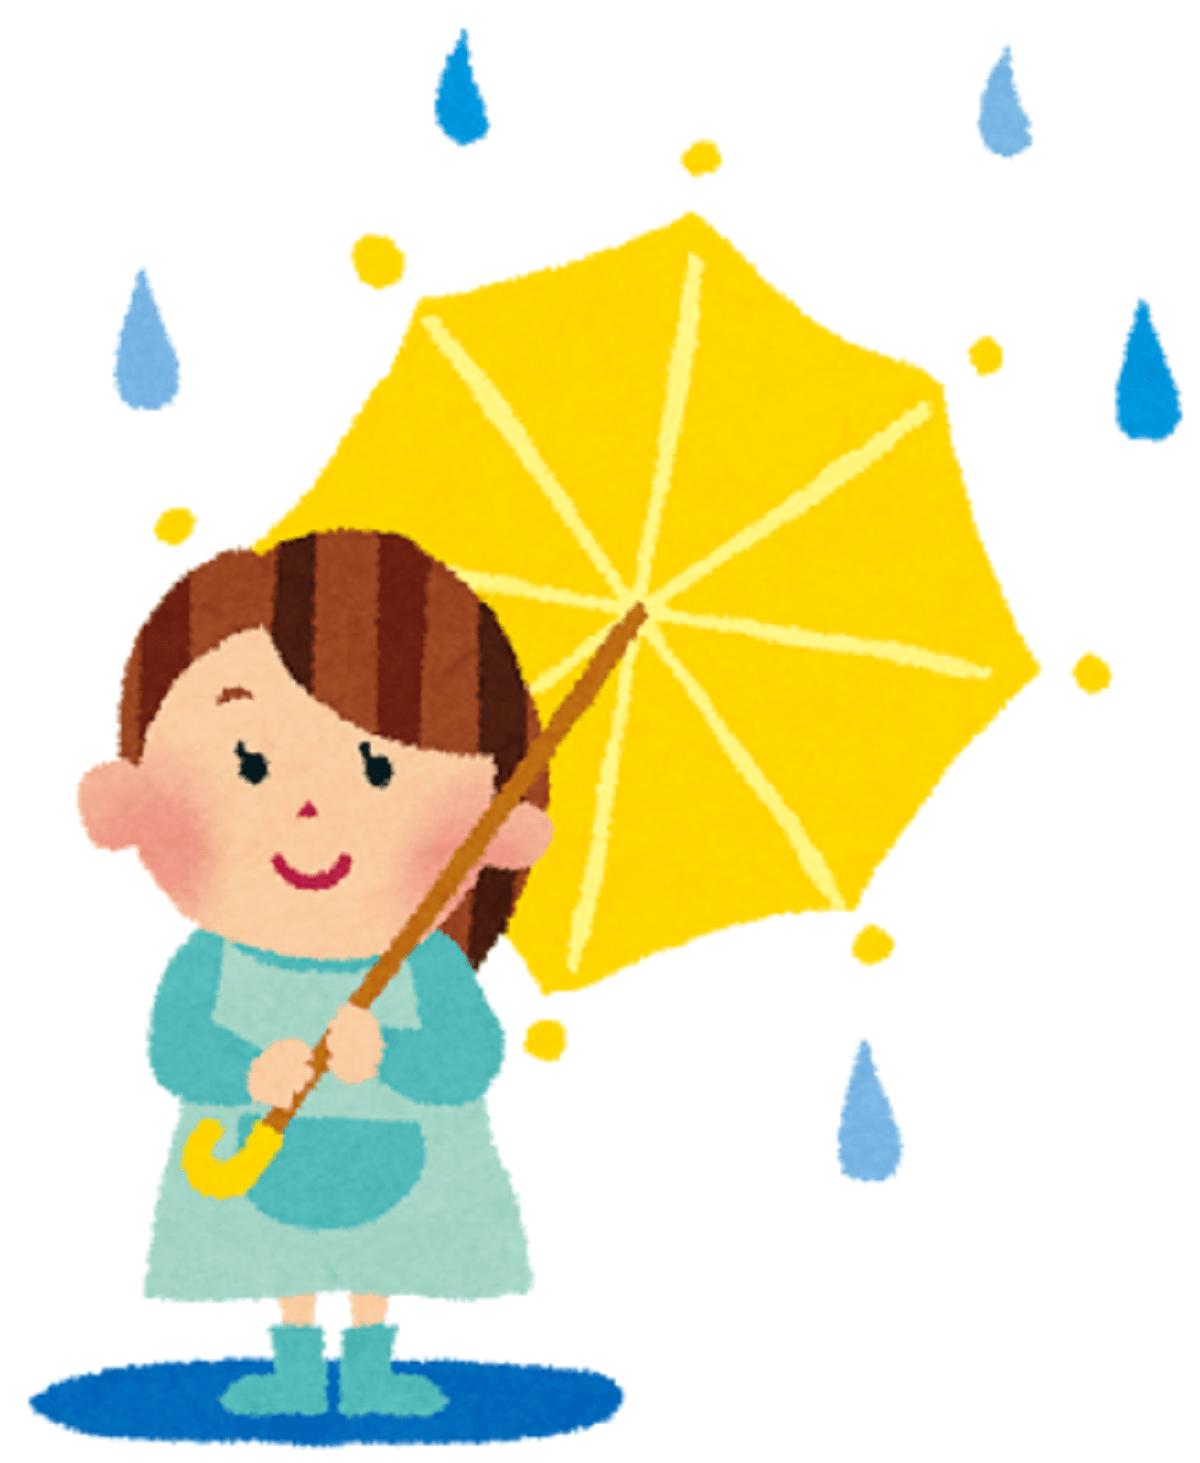 無料フリー傘のかわいいイラストおしゃれな傘イラスト傘を持つ